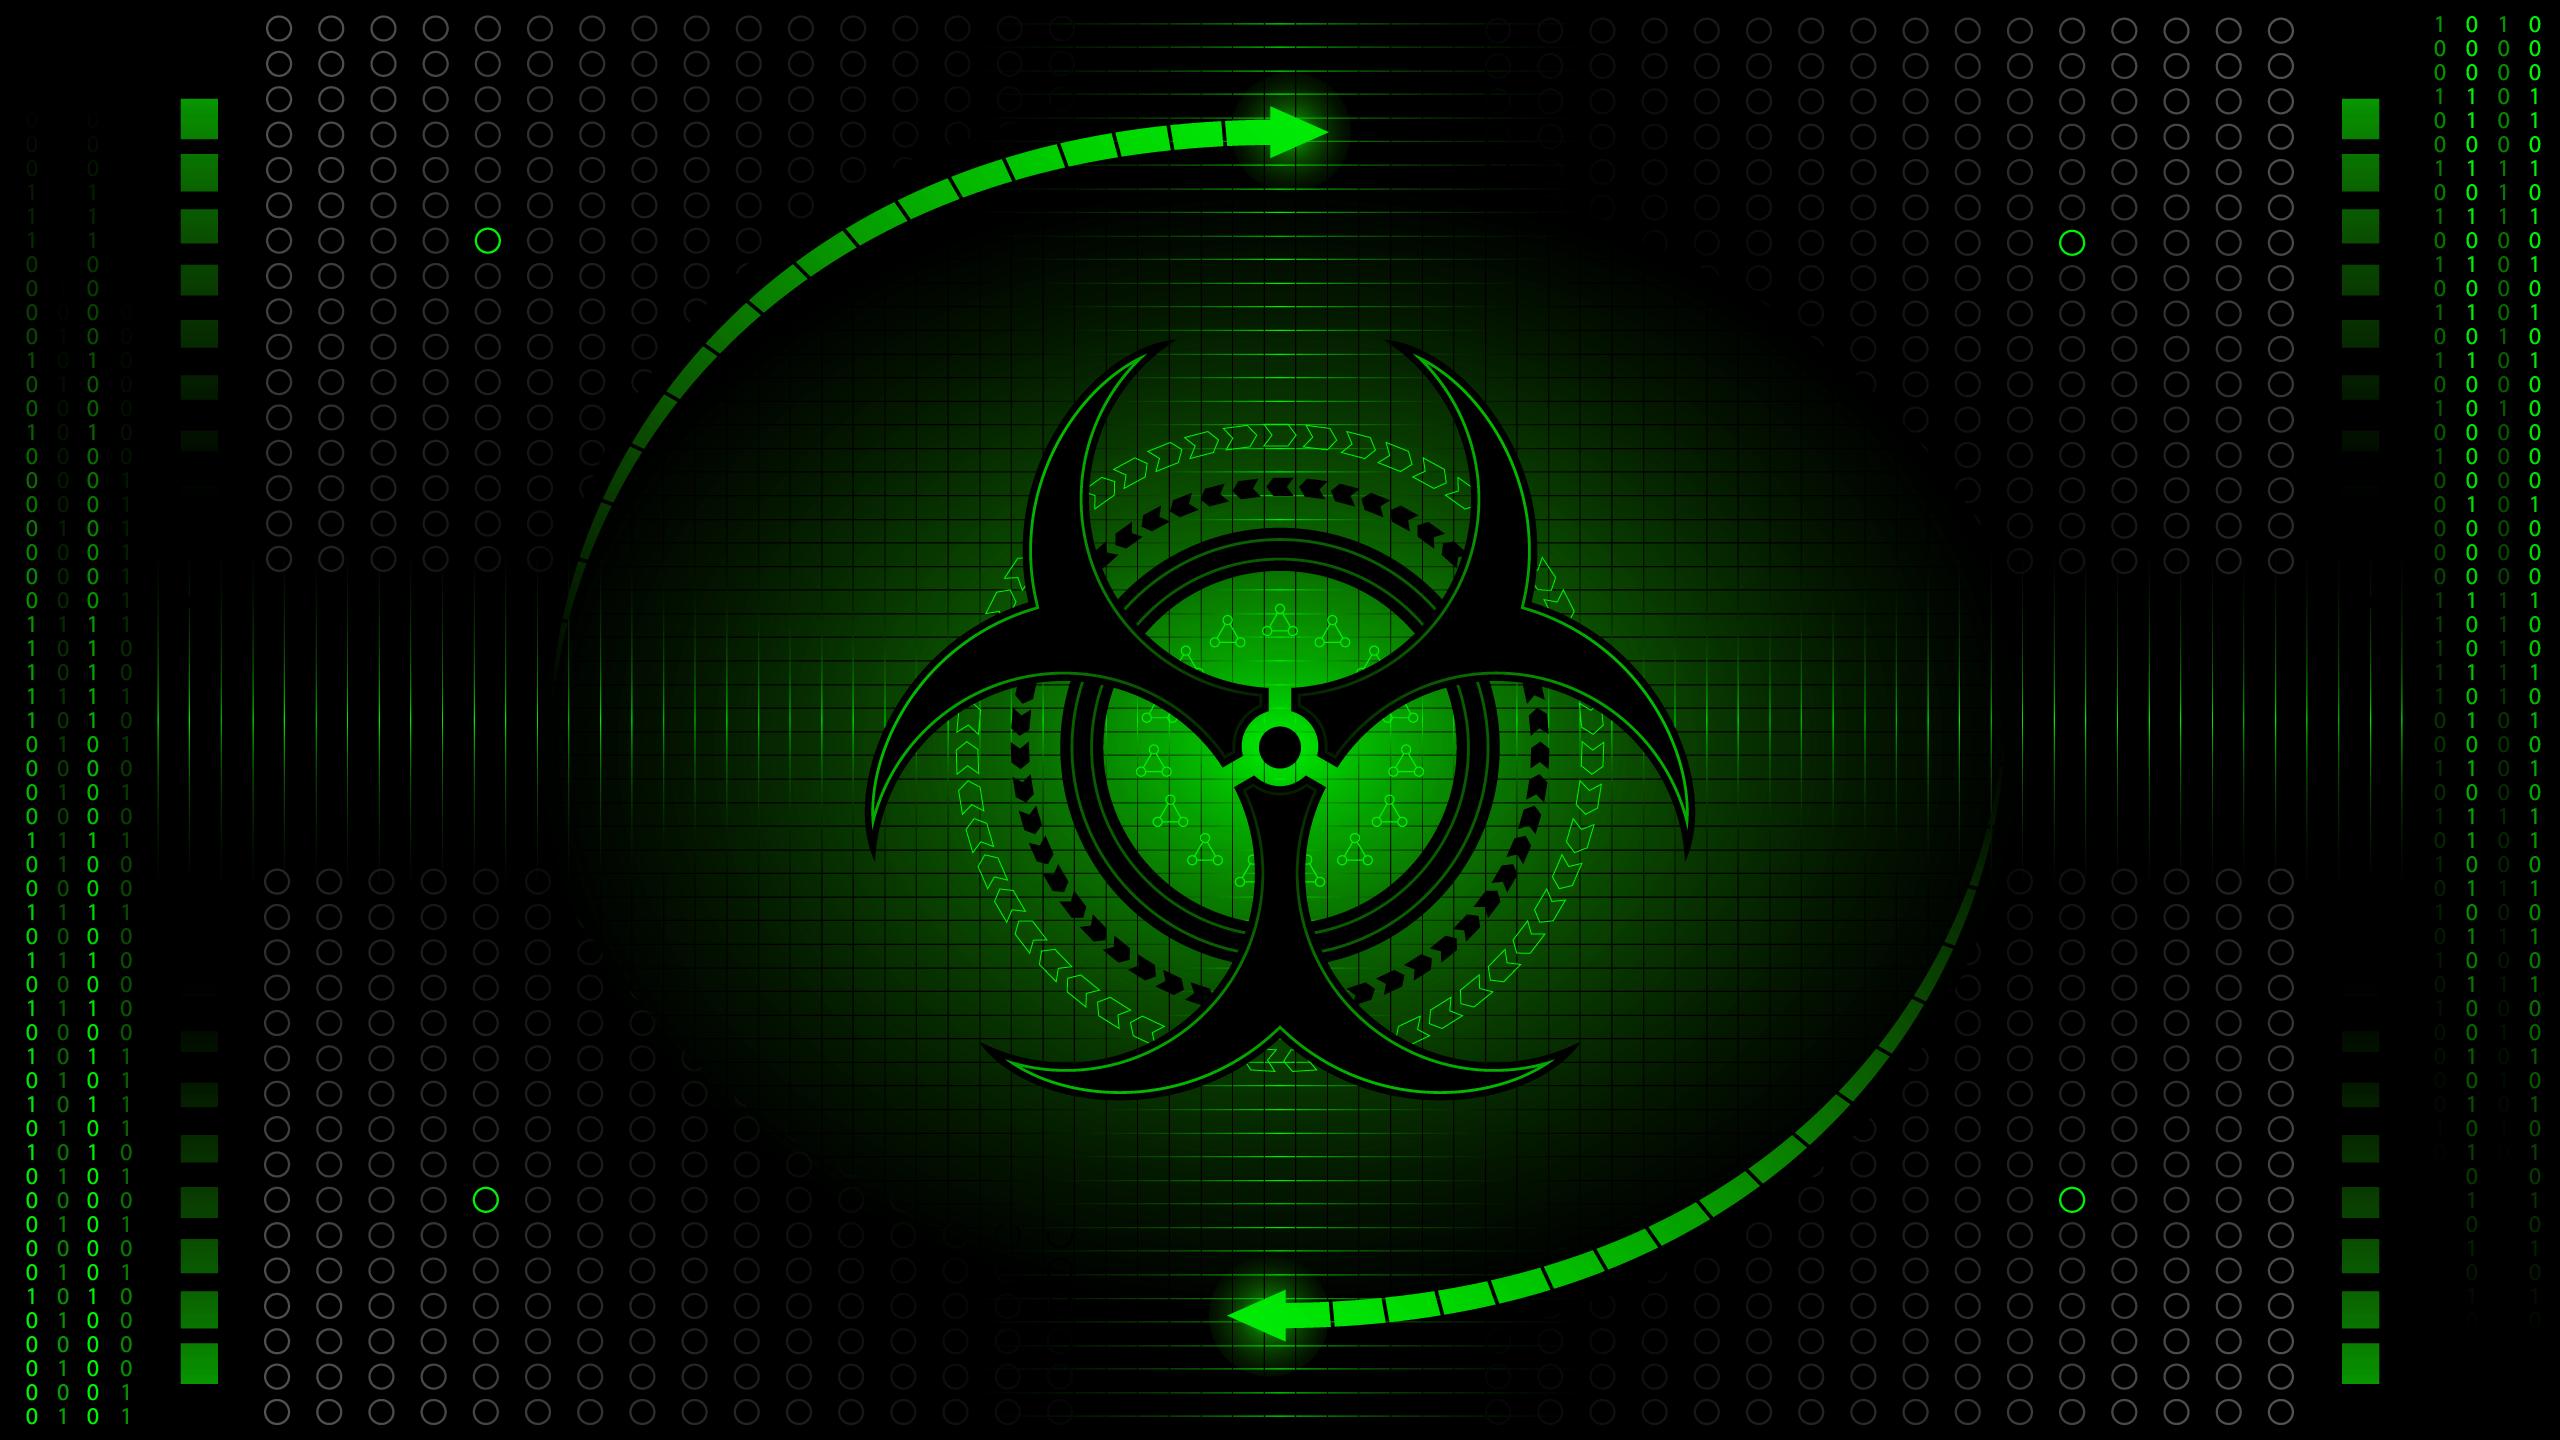 Biohazard Computer Wallpapers Desktop Backgrounds 2560x1440 ID 2560x1440